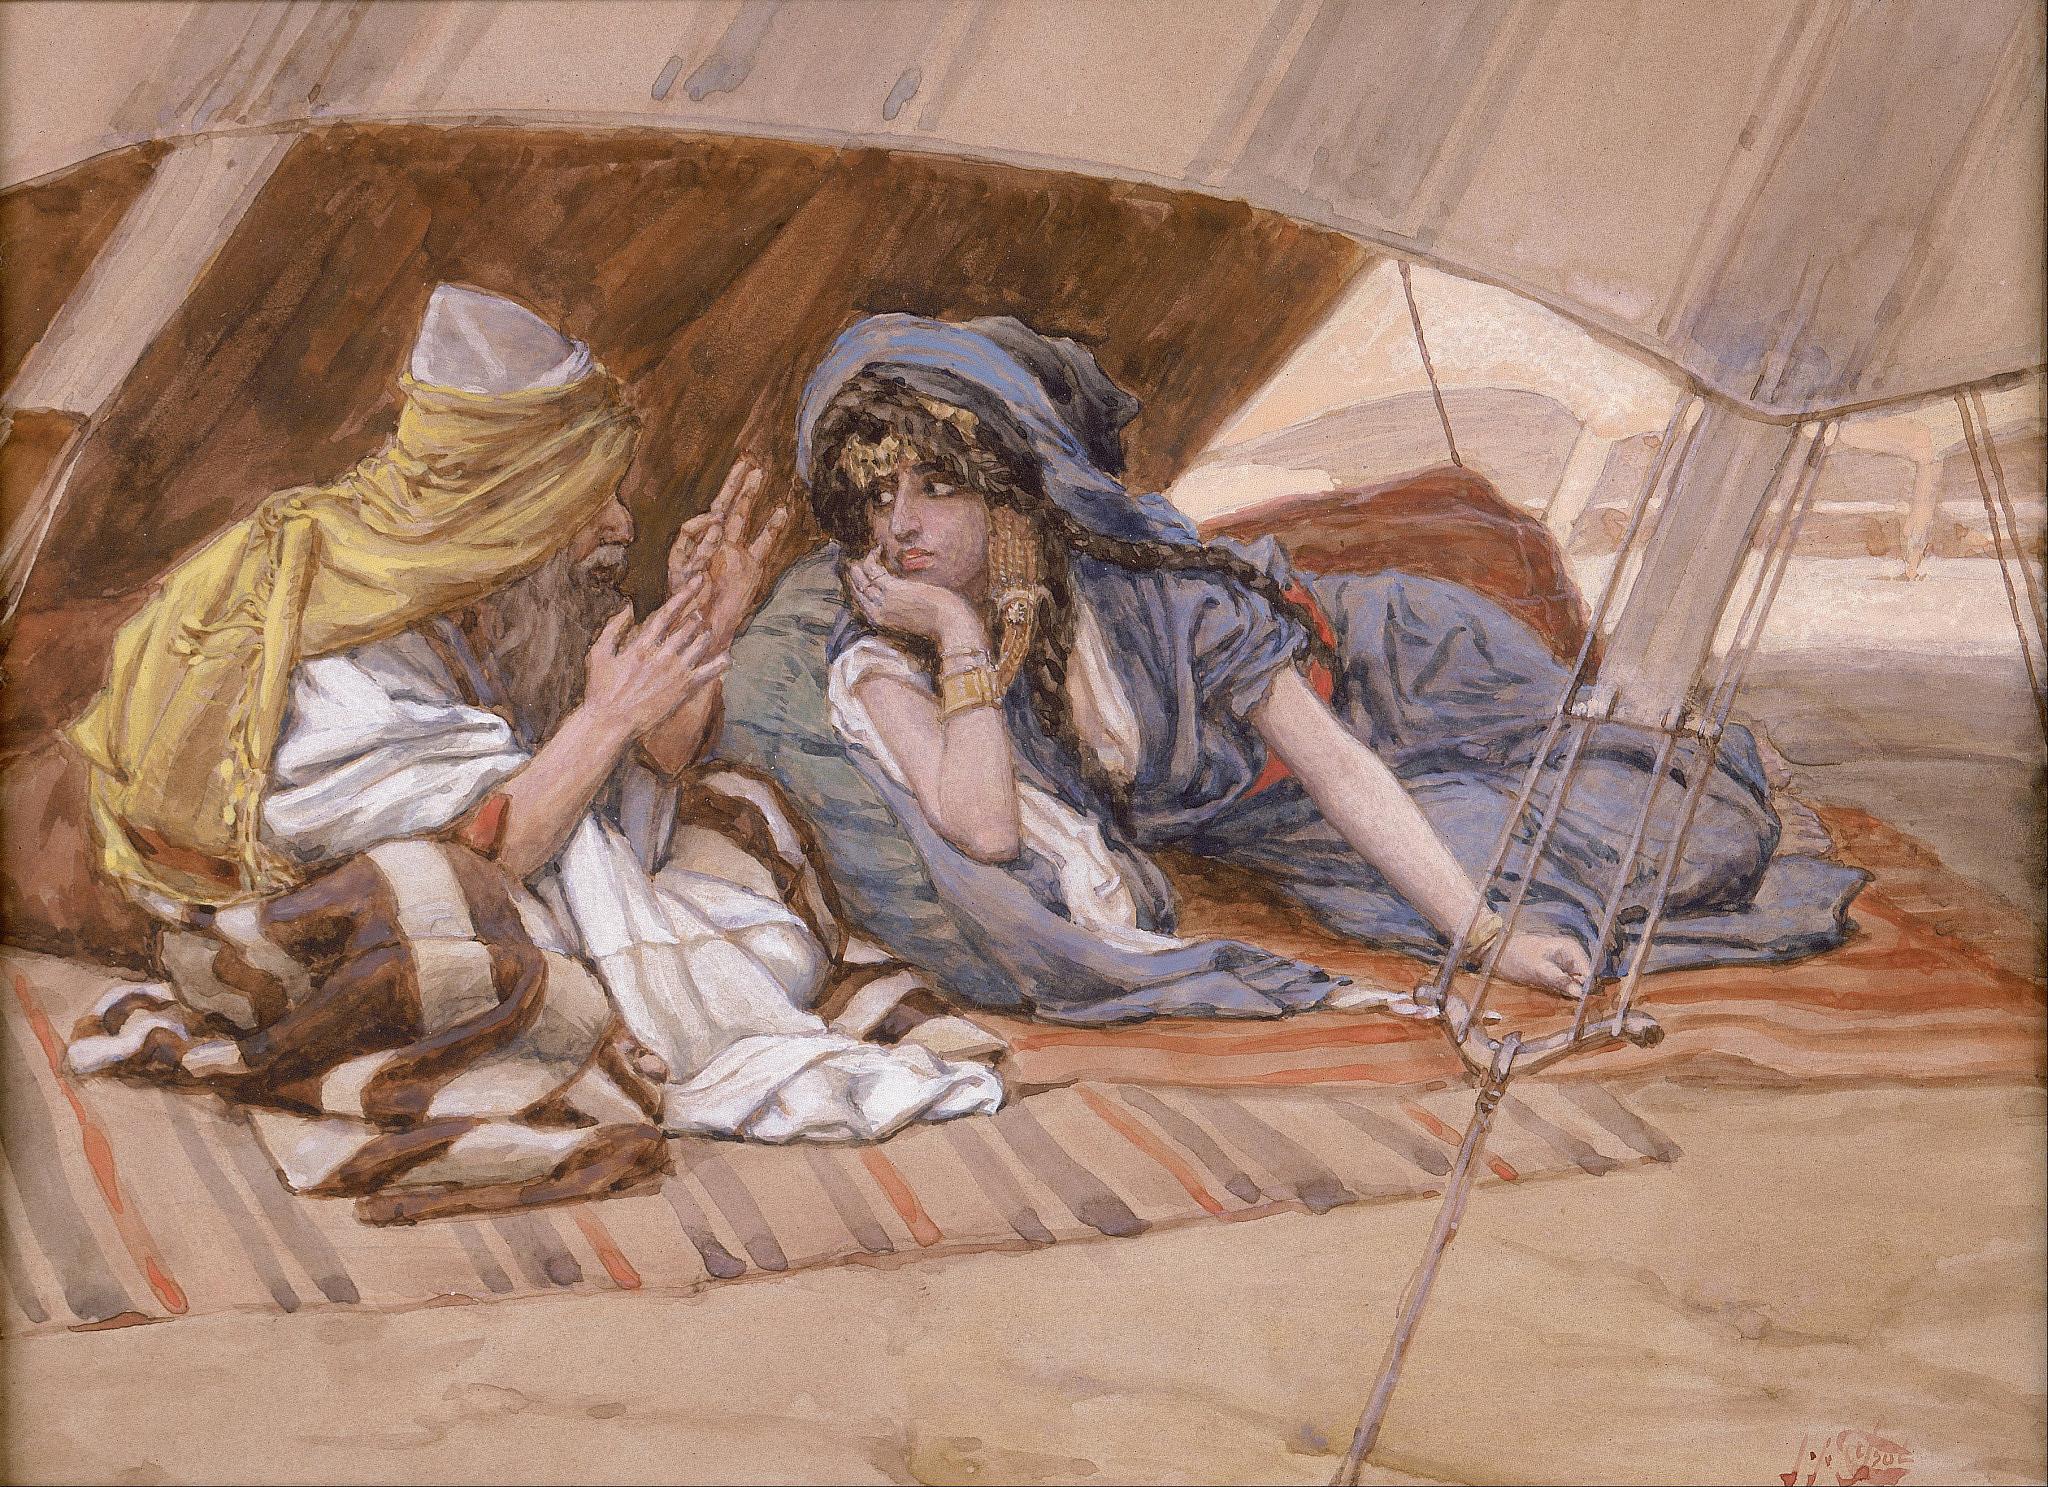 אברהם ושרה יושבים באוהל , מתוך ויקיפדיה